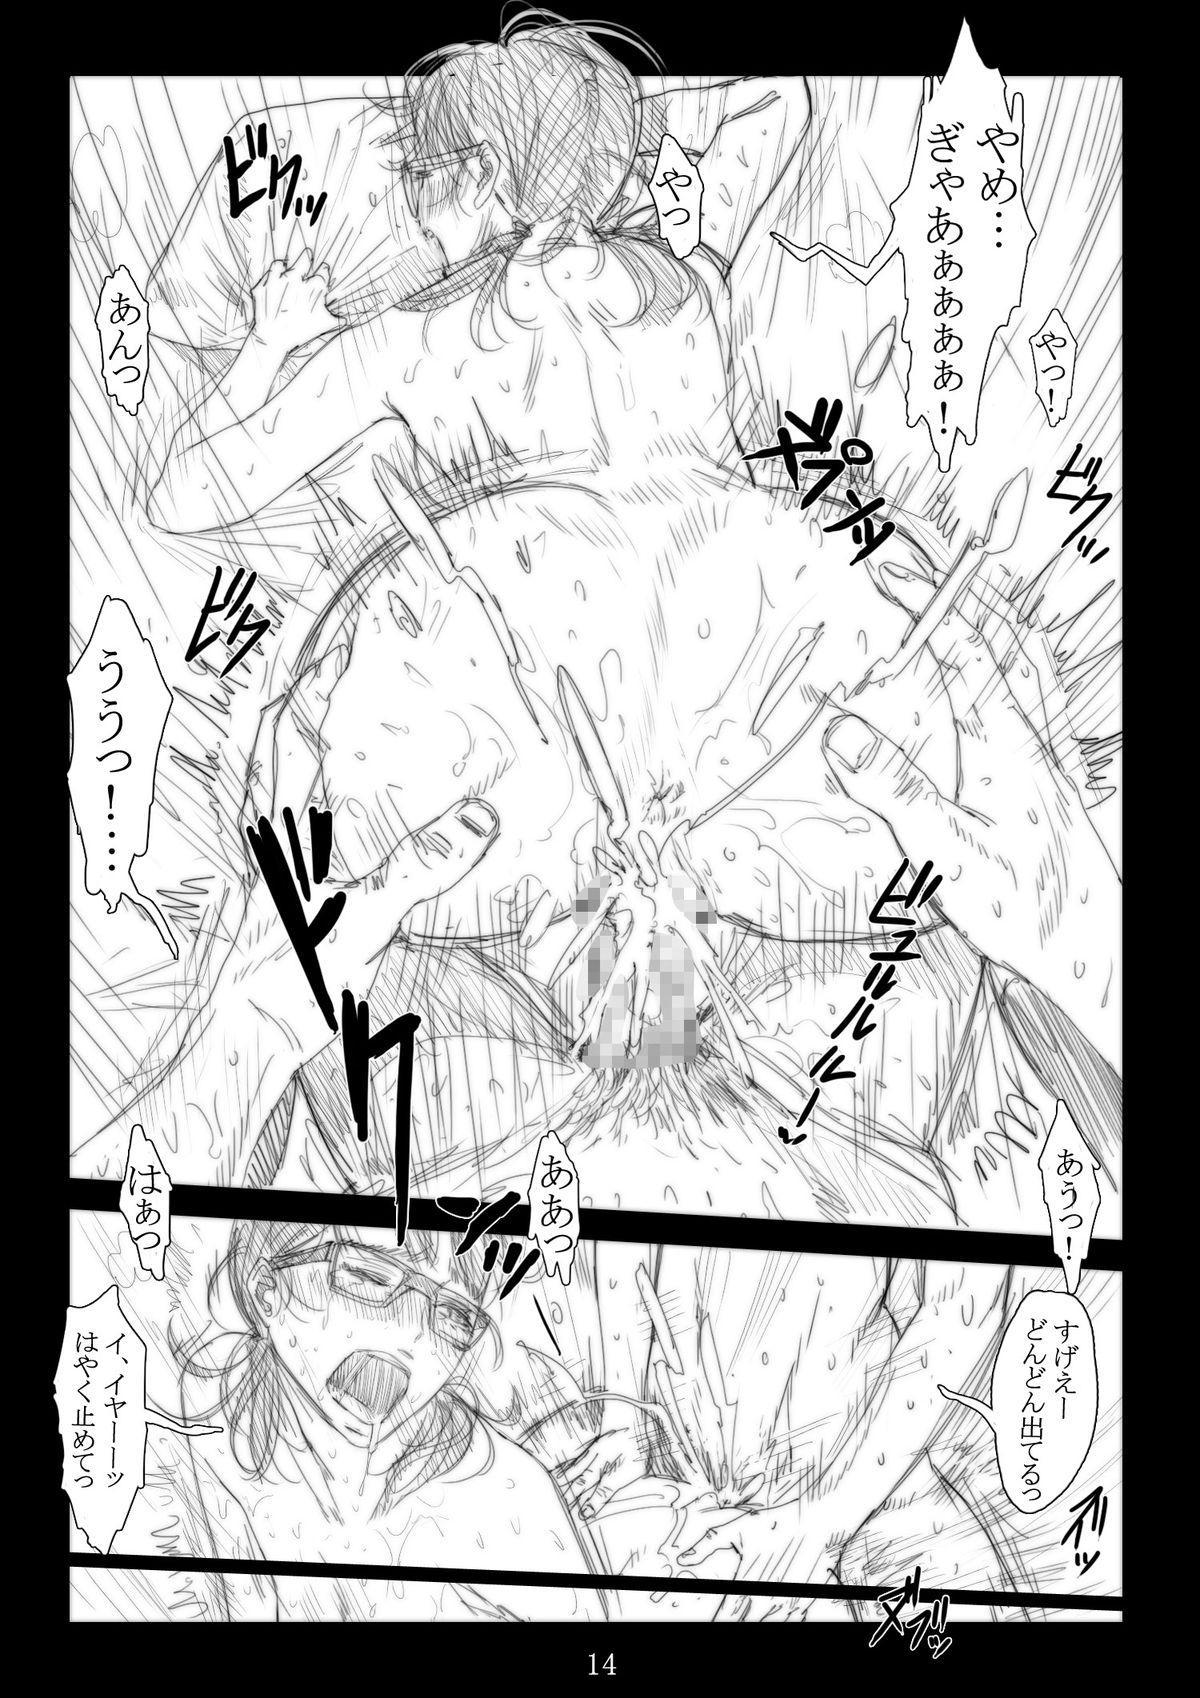 Renraku Tore nakatta 1-kkagetsukan Kanojo ni Nani ga Atta no ka... 2 14